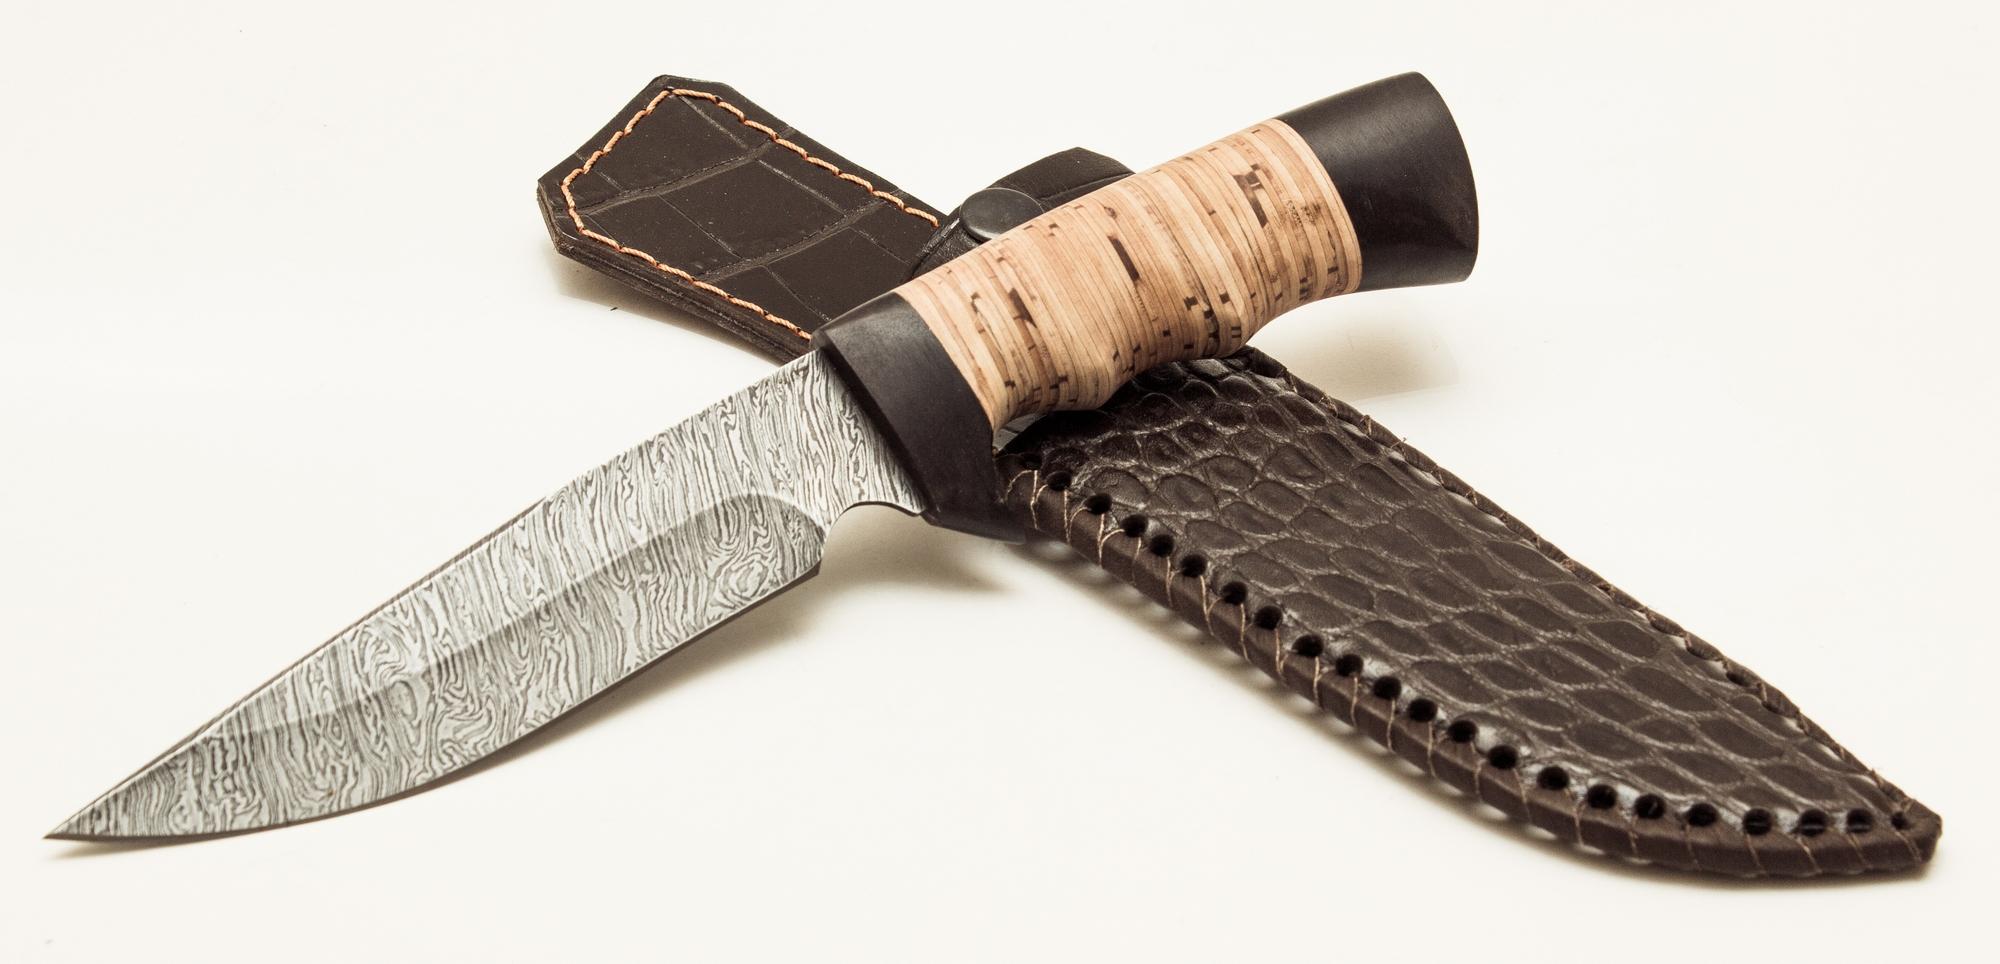 Фото 7 - Нож Легионер из дамаска, Кузница Семина